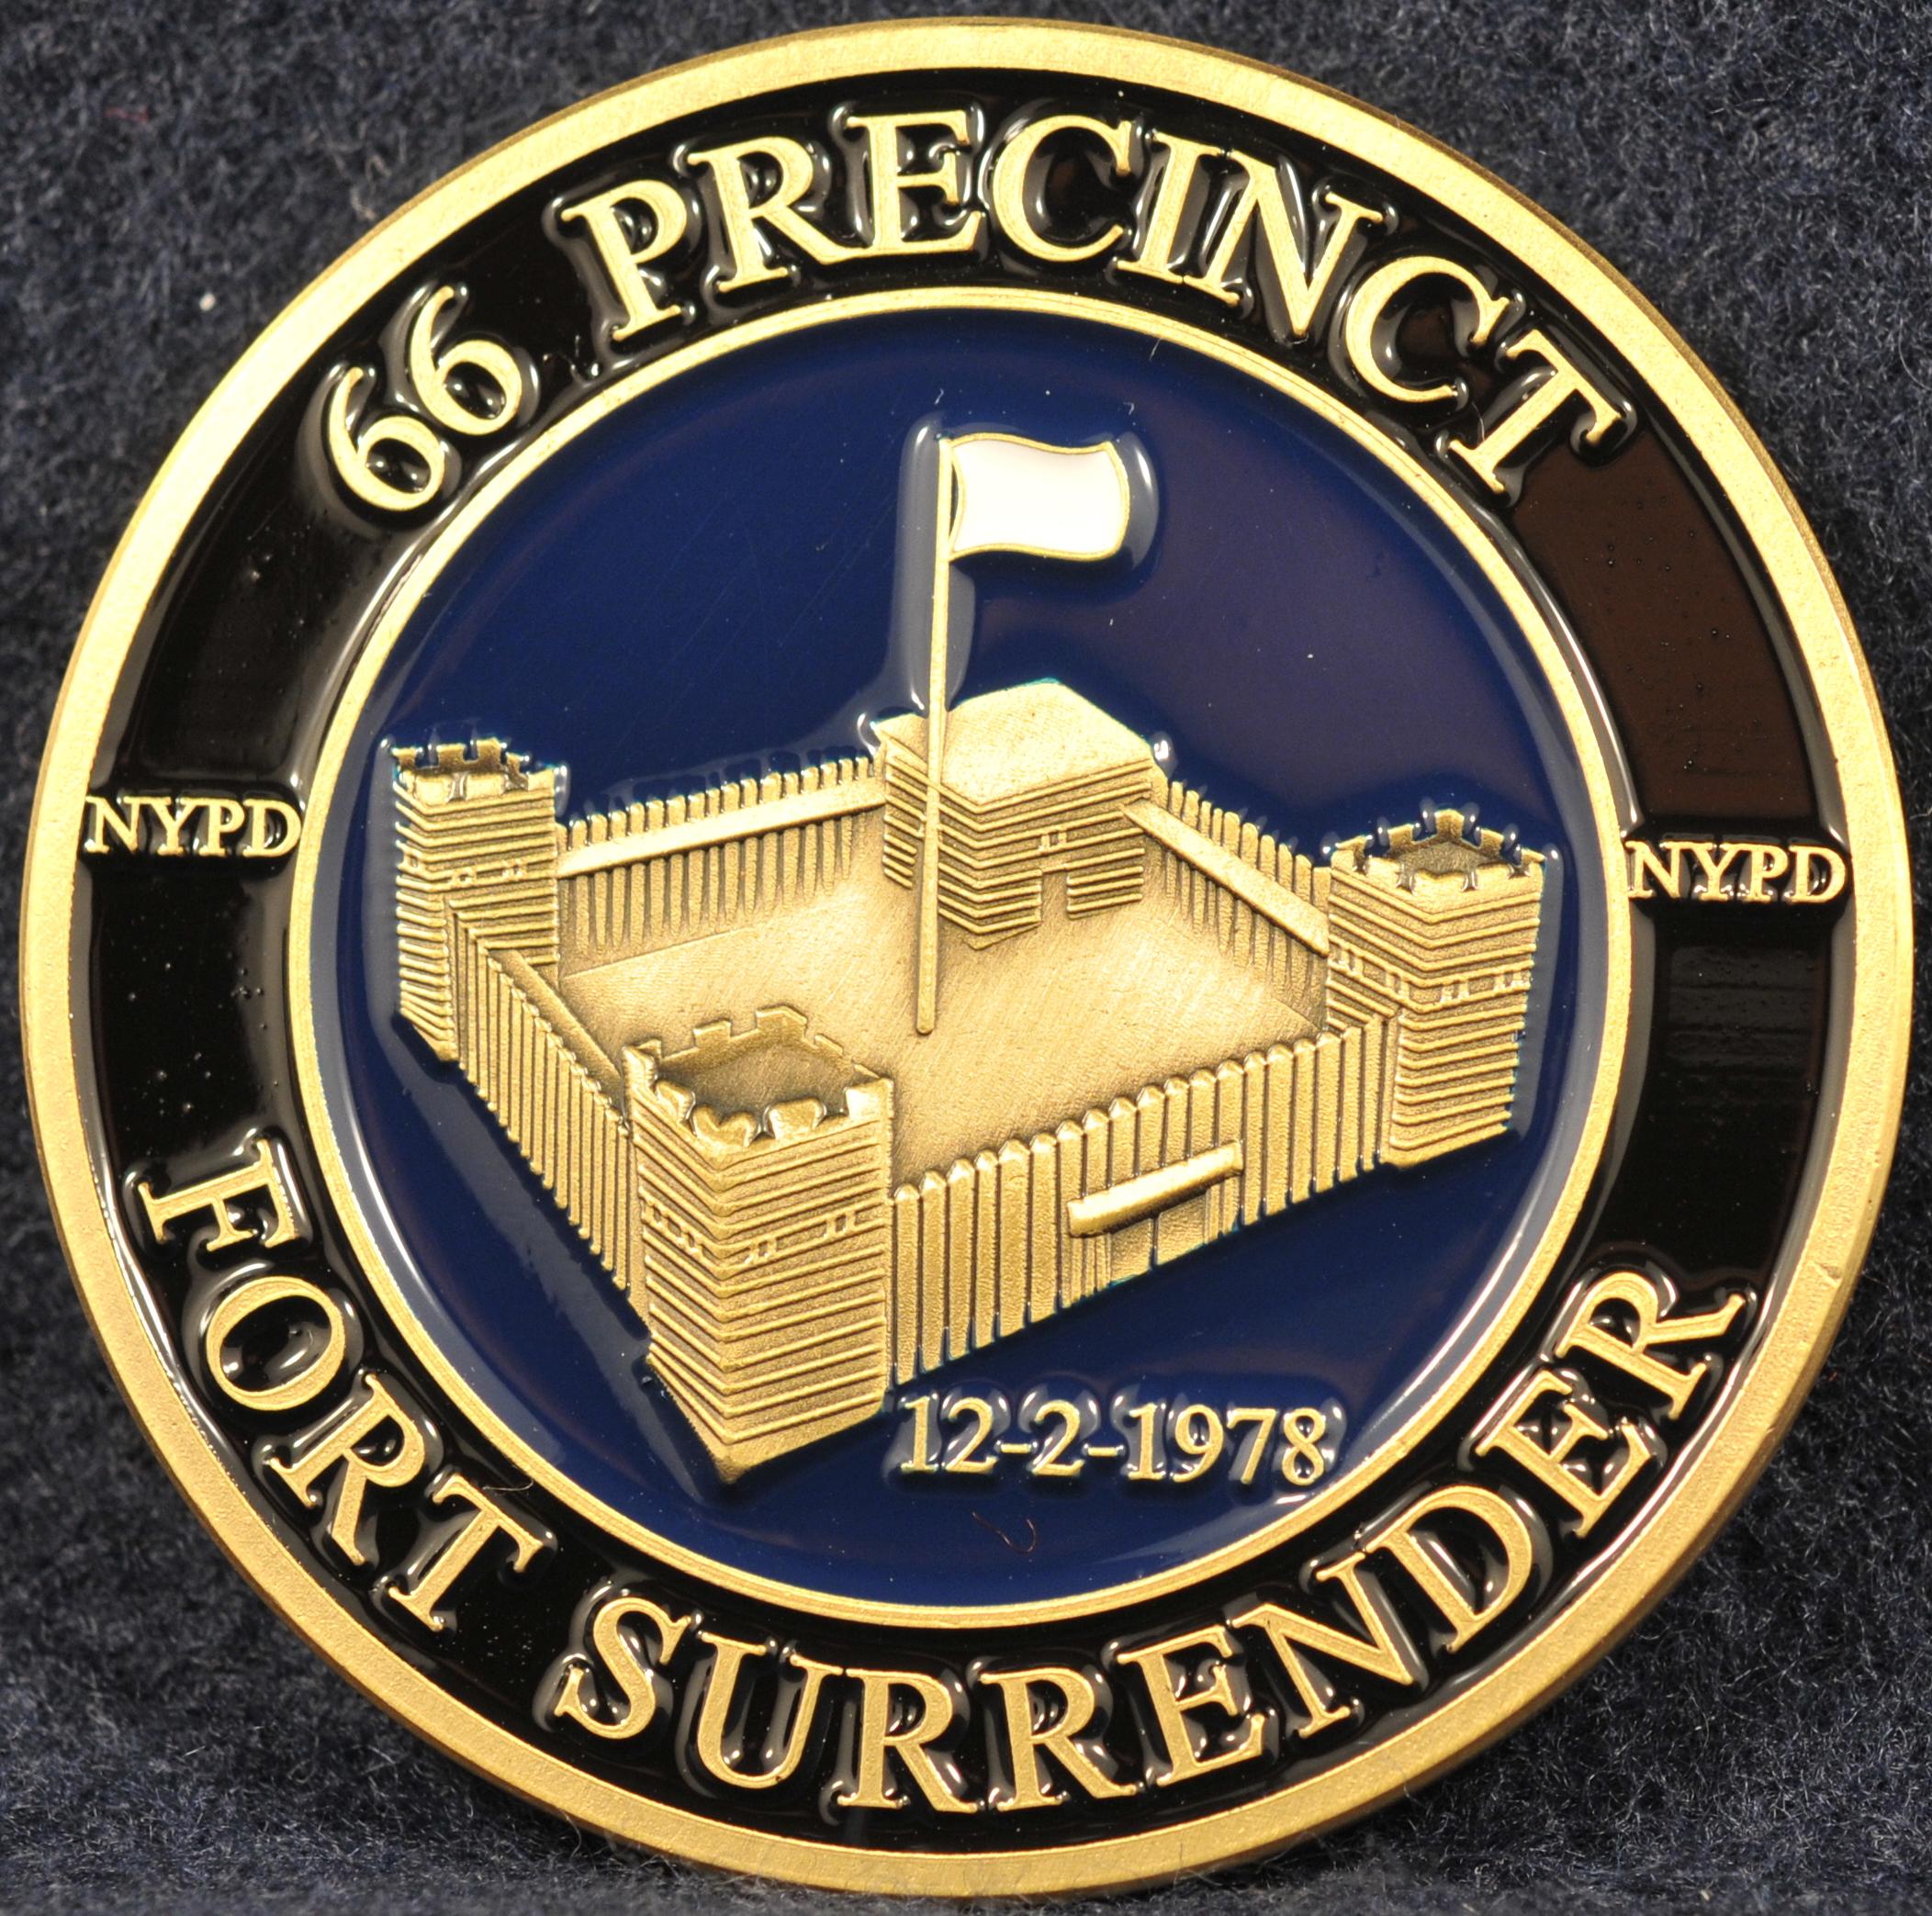 Nypd 66 Precinct Challengecoins Ca